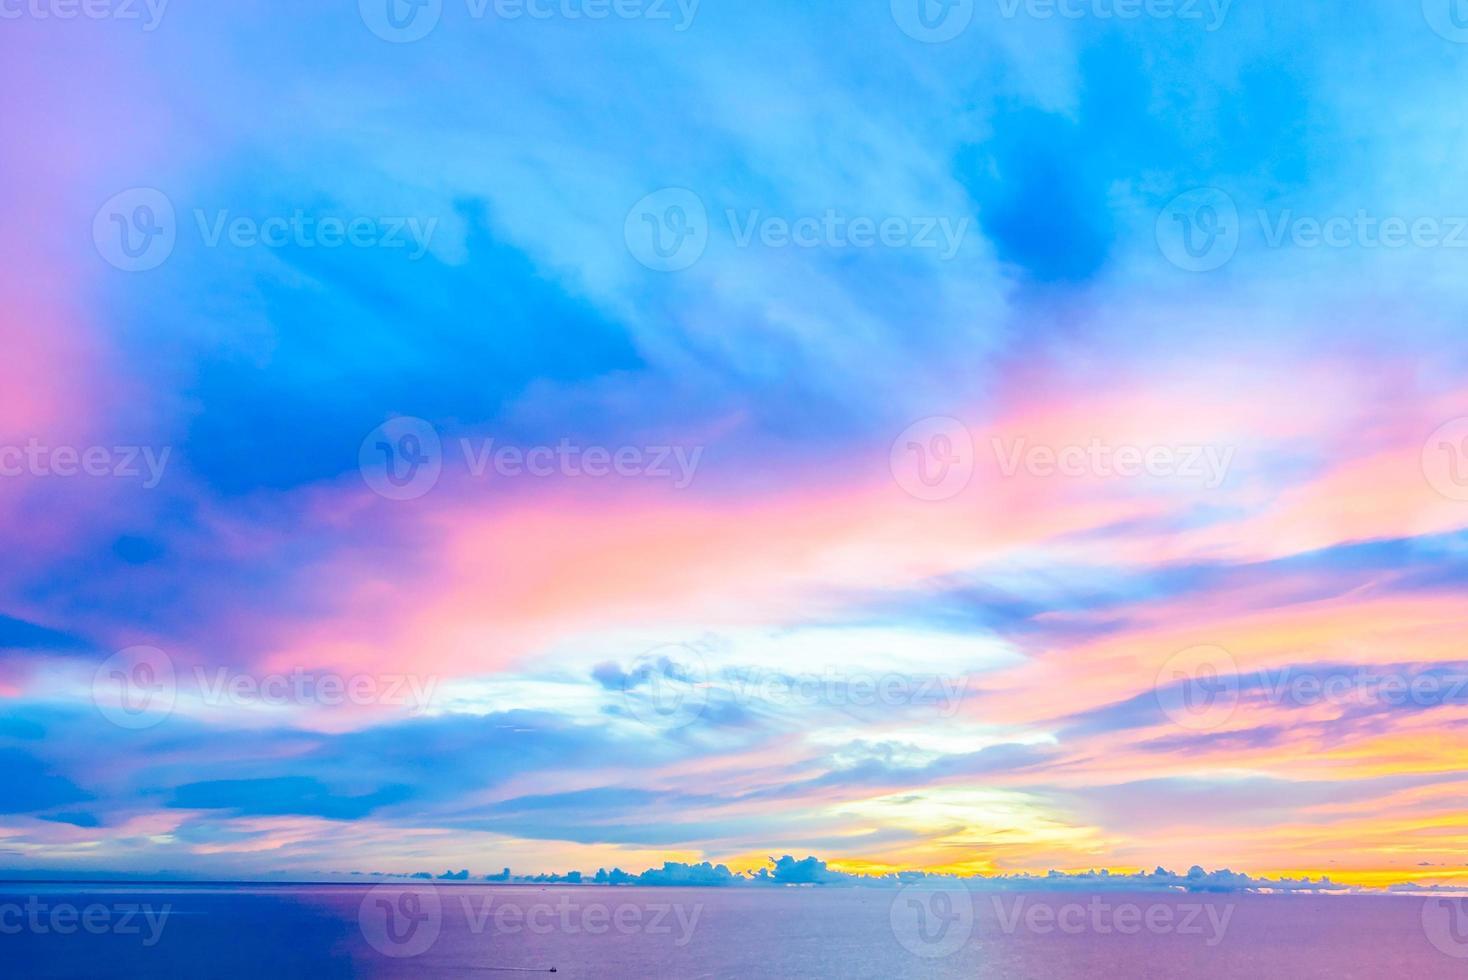 nuvola sullo sfondo del cielo al crepuscolo foto